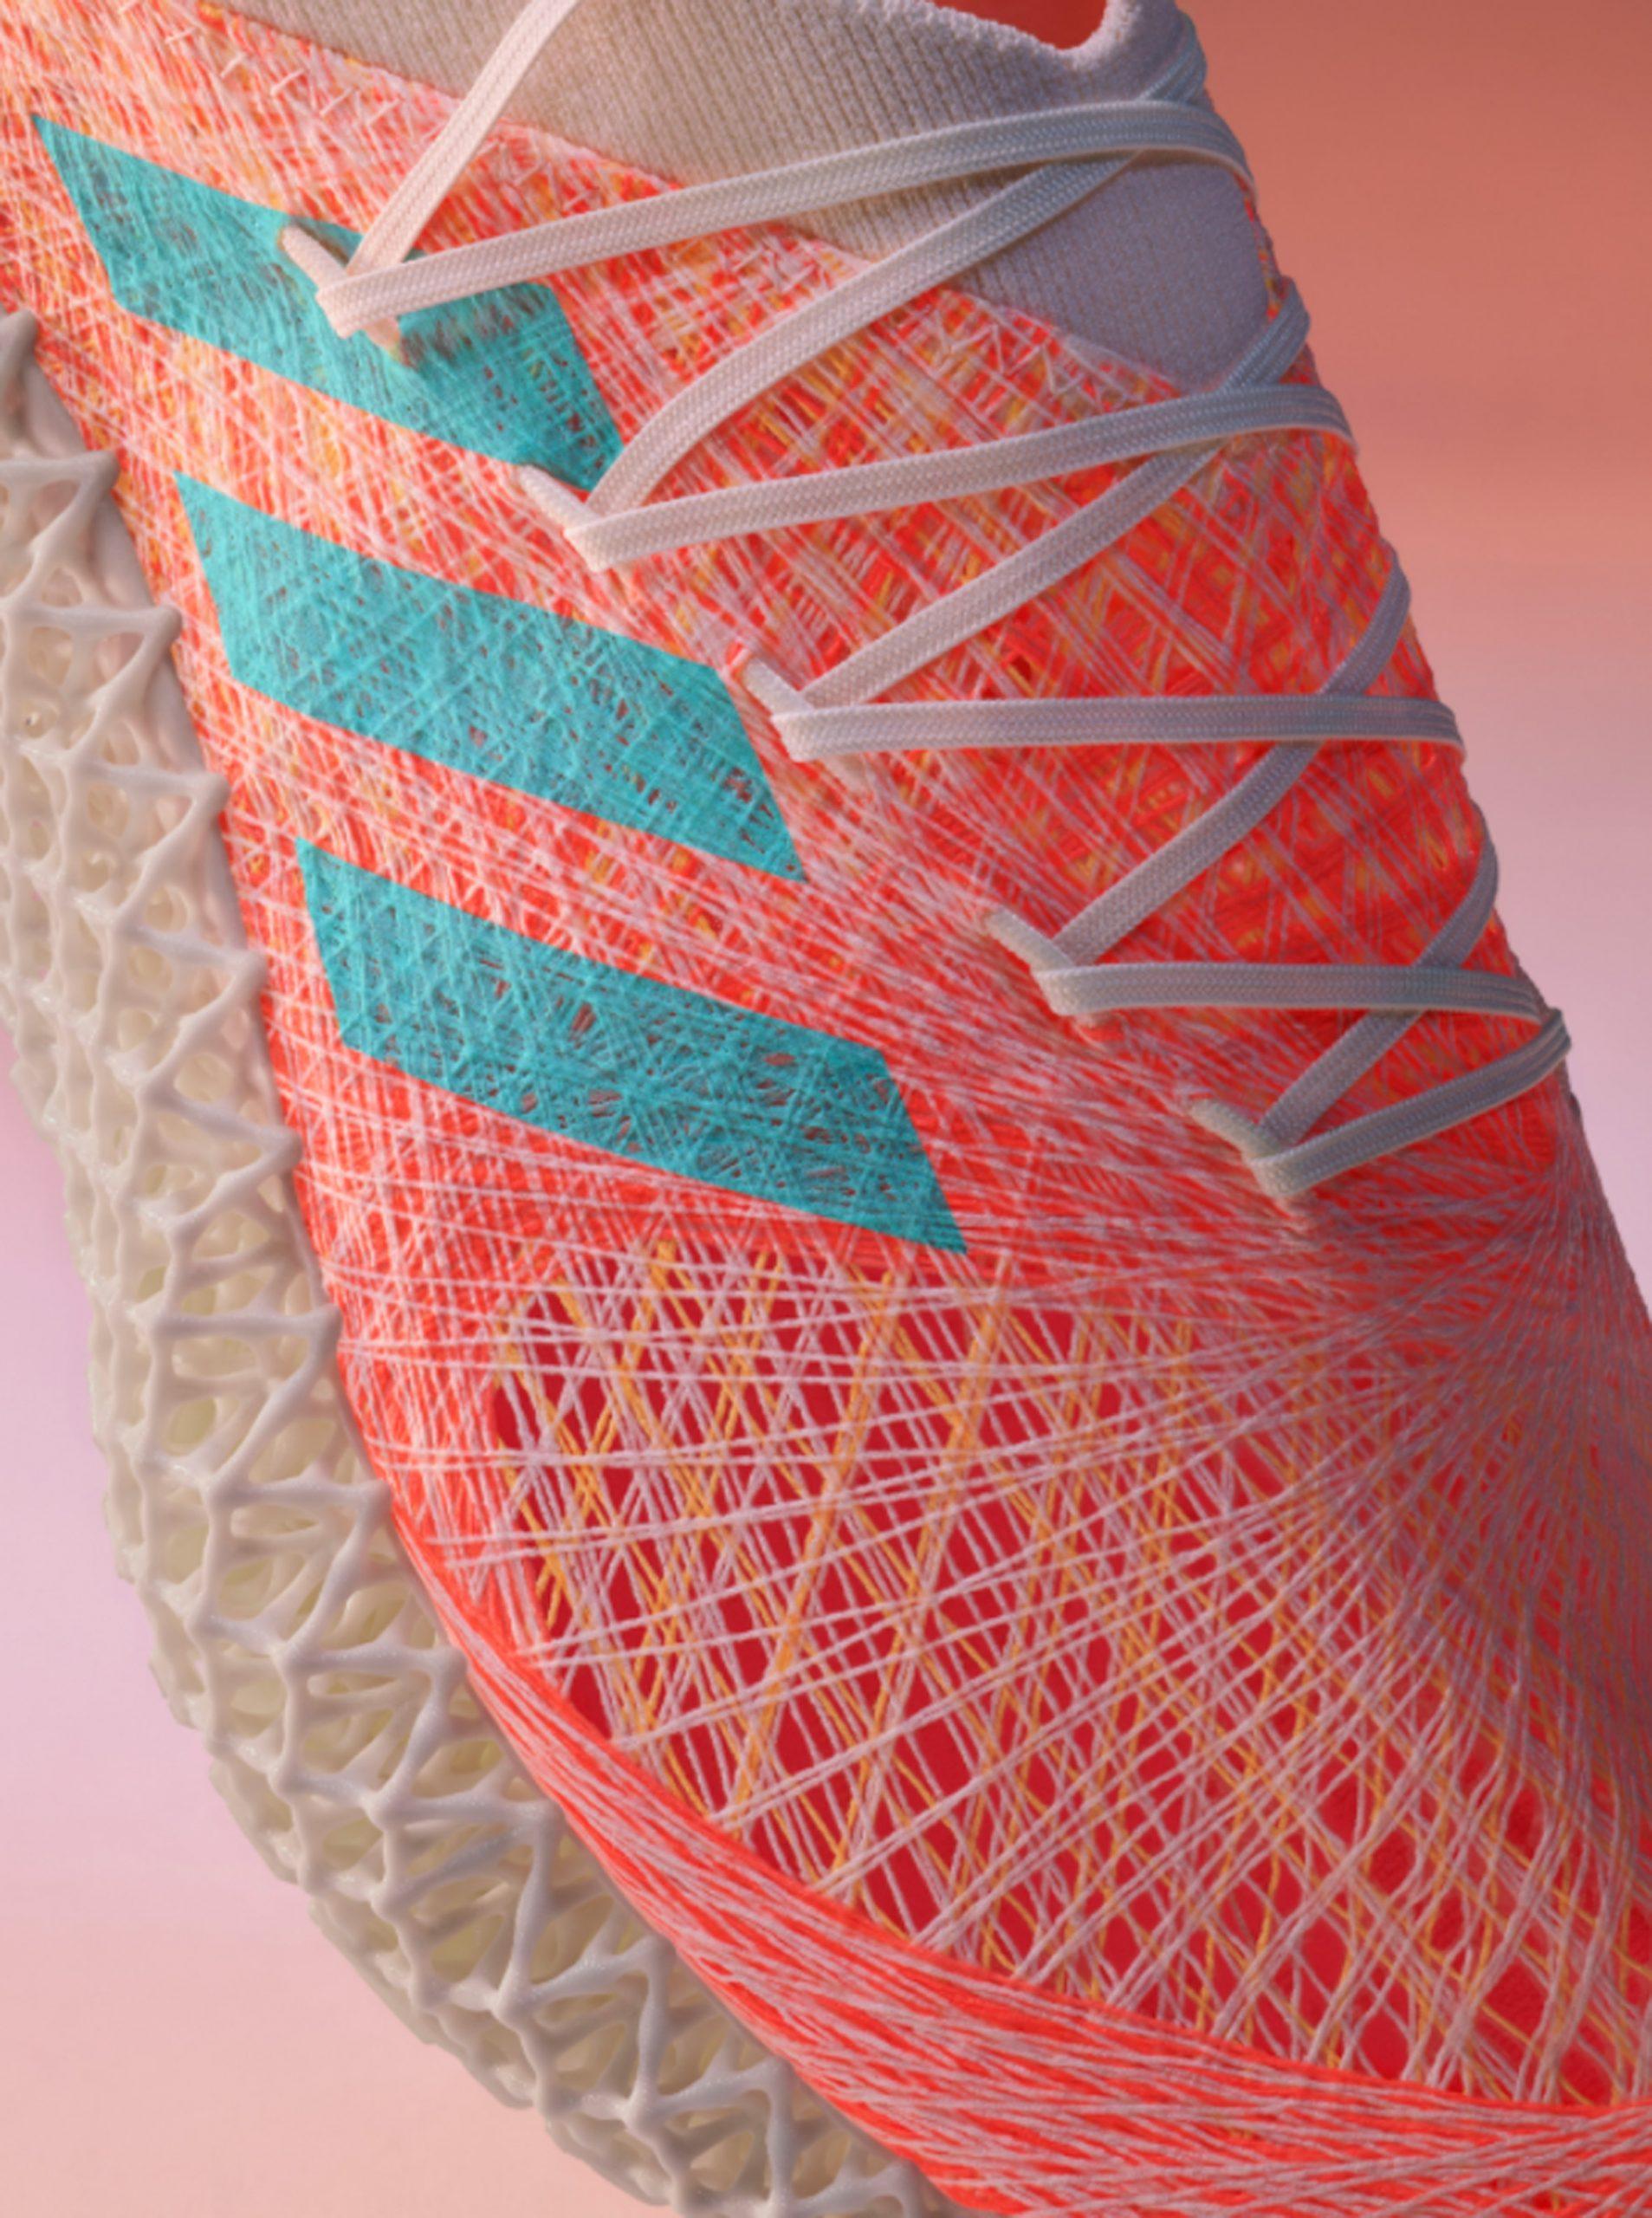 Futurecraft Strung trainer by Adidas